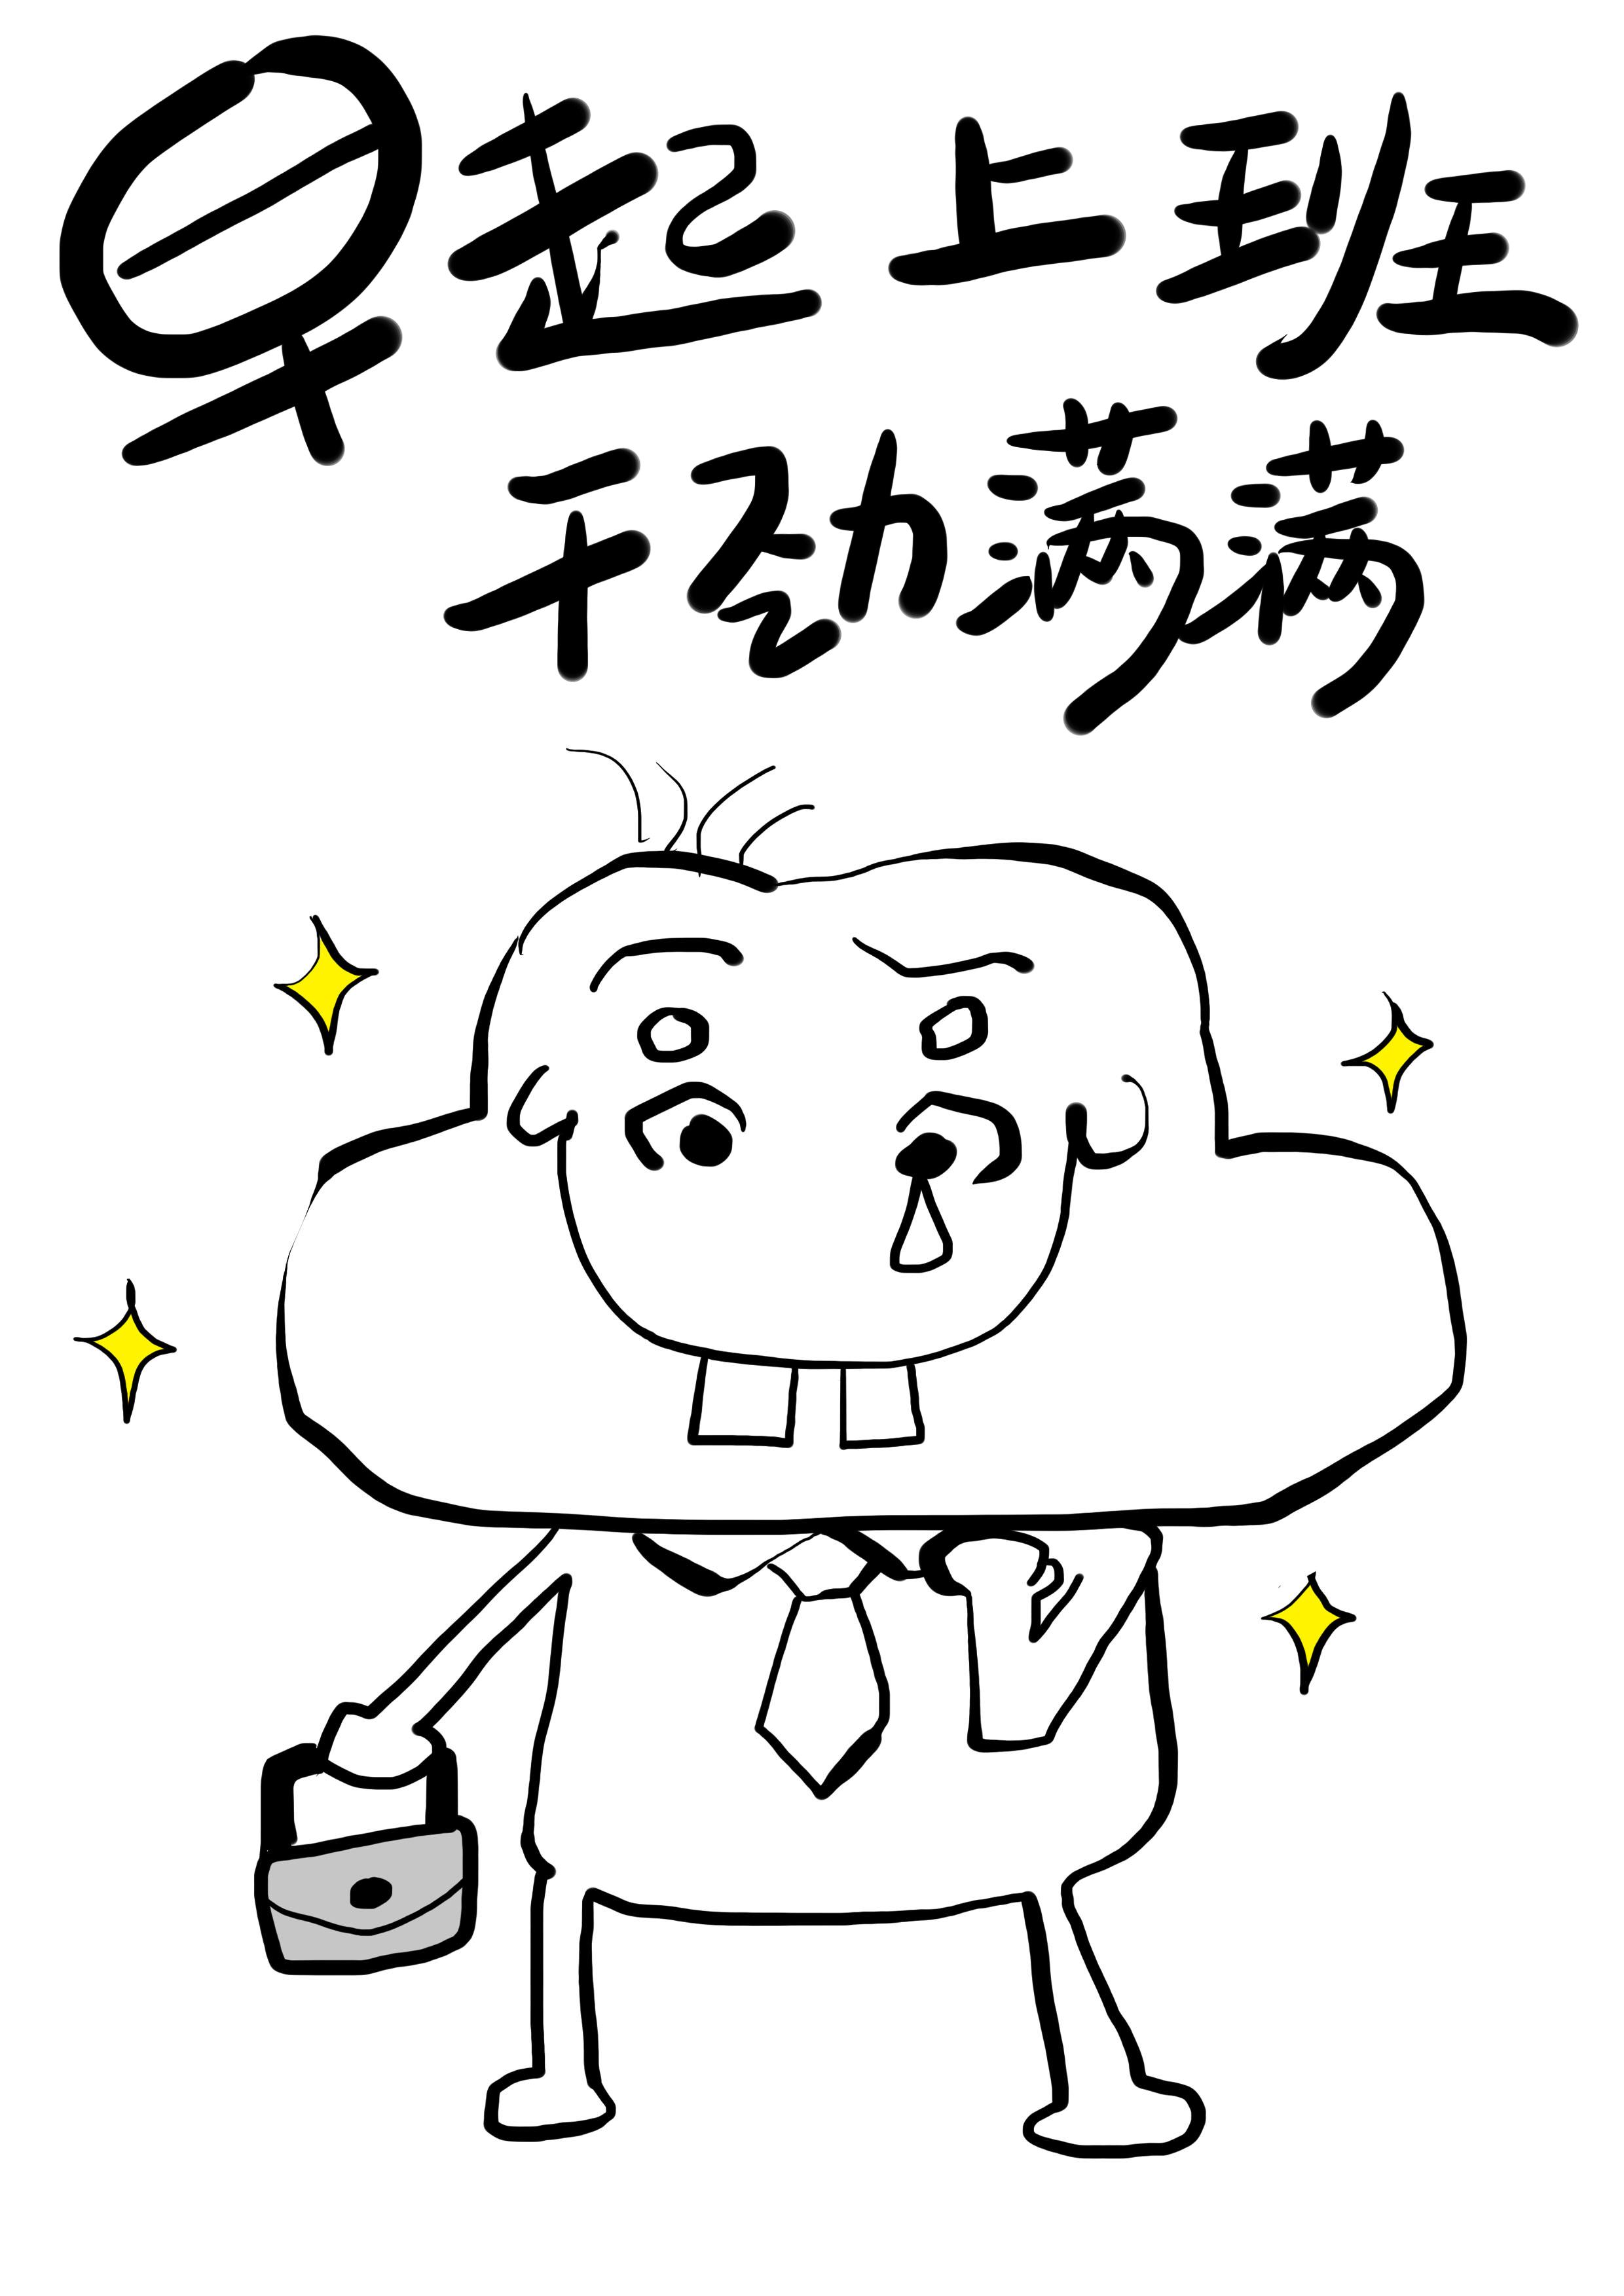 动漫 简笔画 卡通 漫画 手绘 头像 线稿 2480_3507 竖版 竖屏